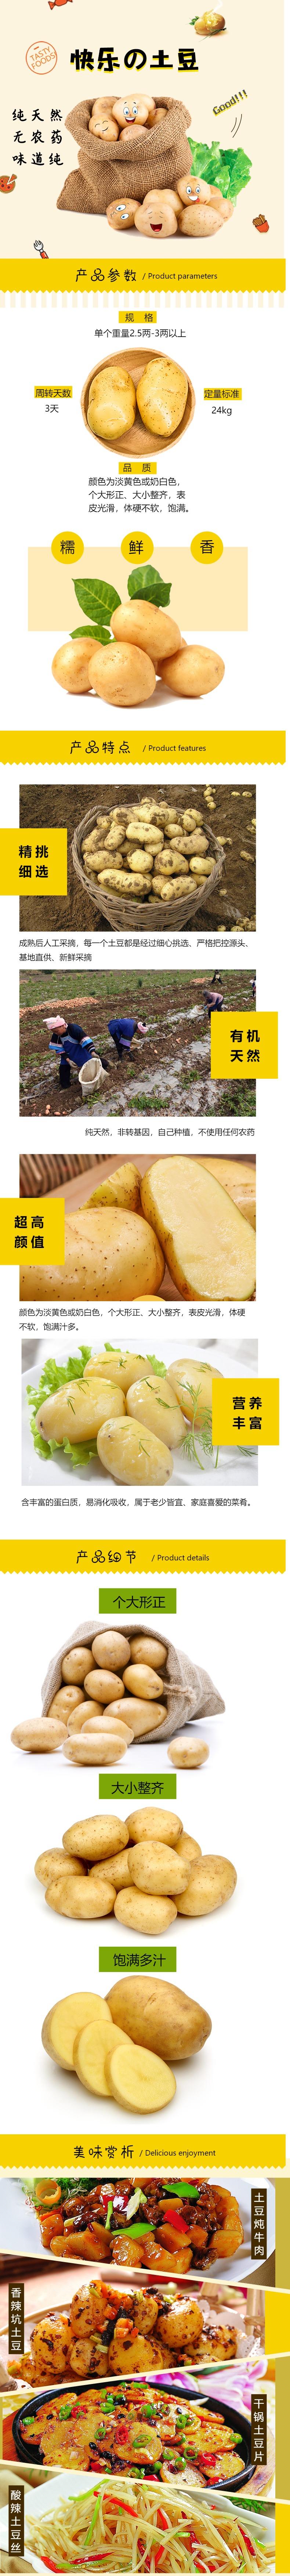 简约健康土豆电商详情页